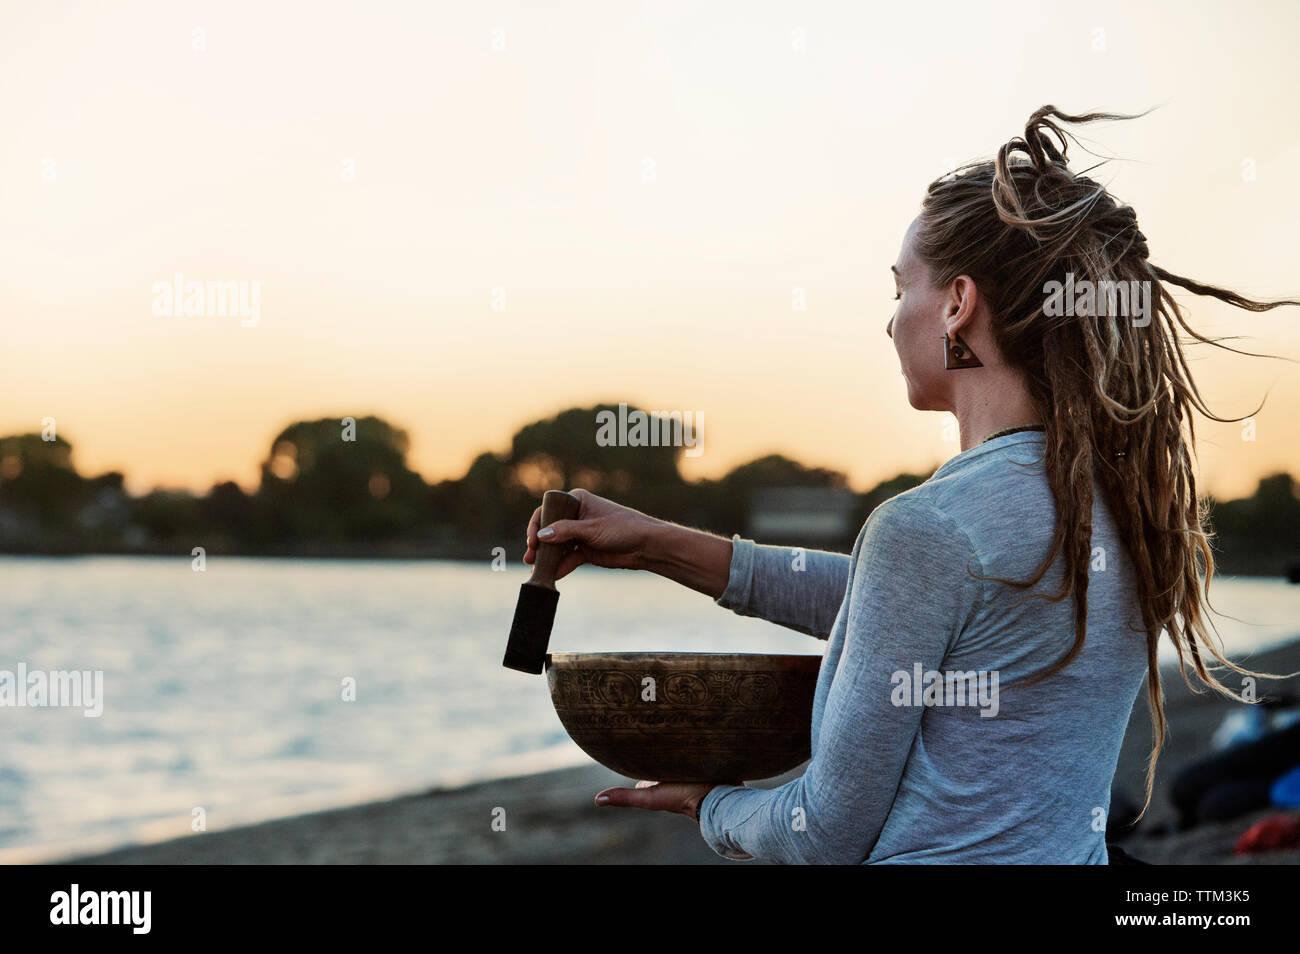 Woman holding Tibetan singing bowl at beach during sunset - Stock Image